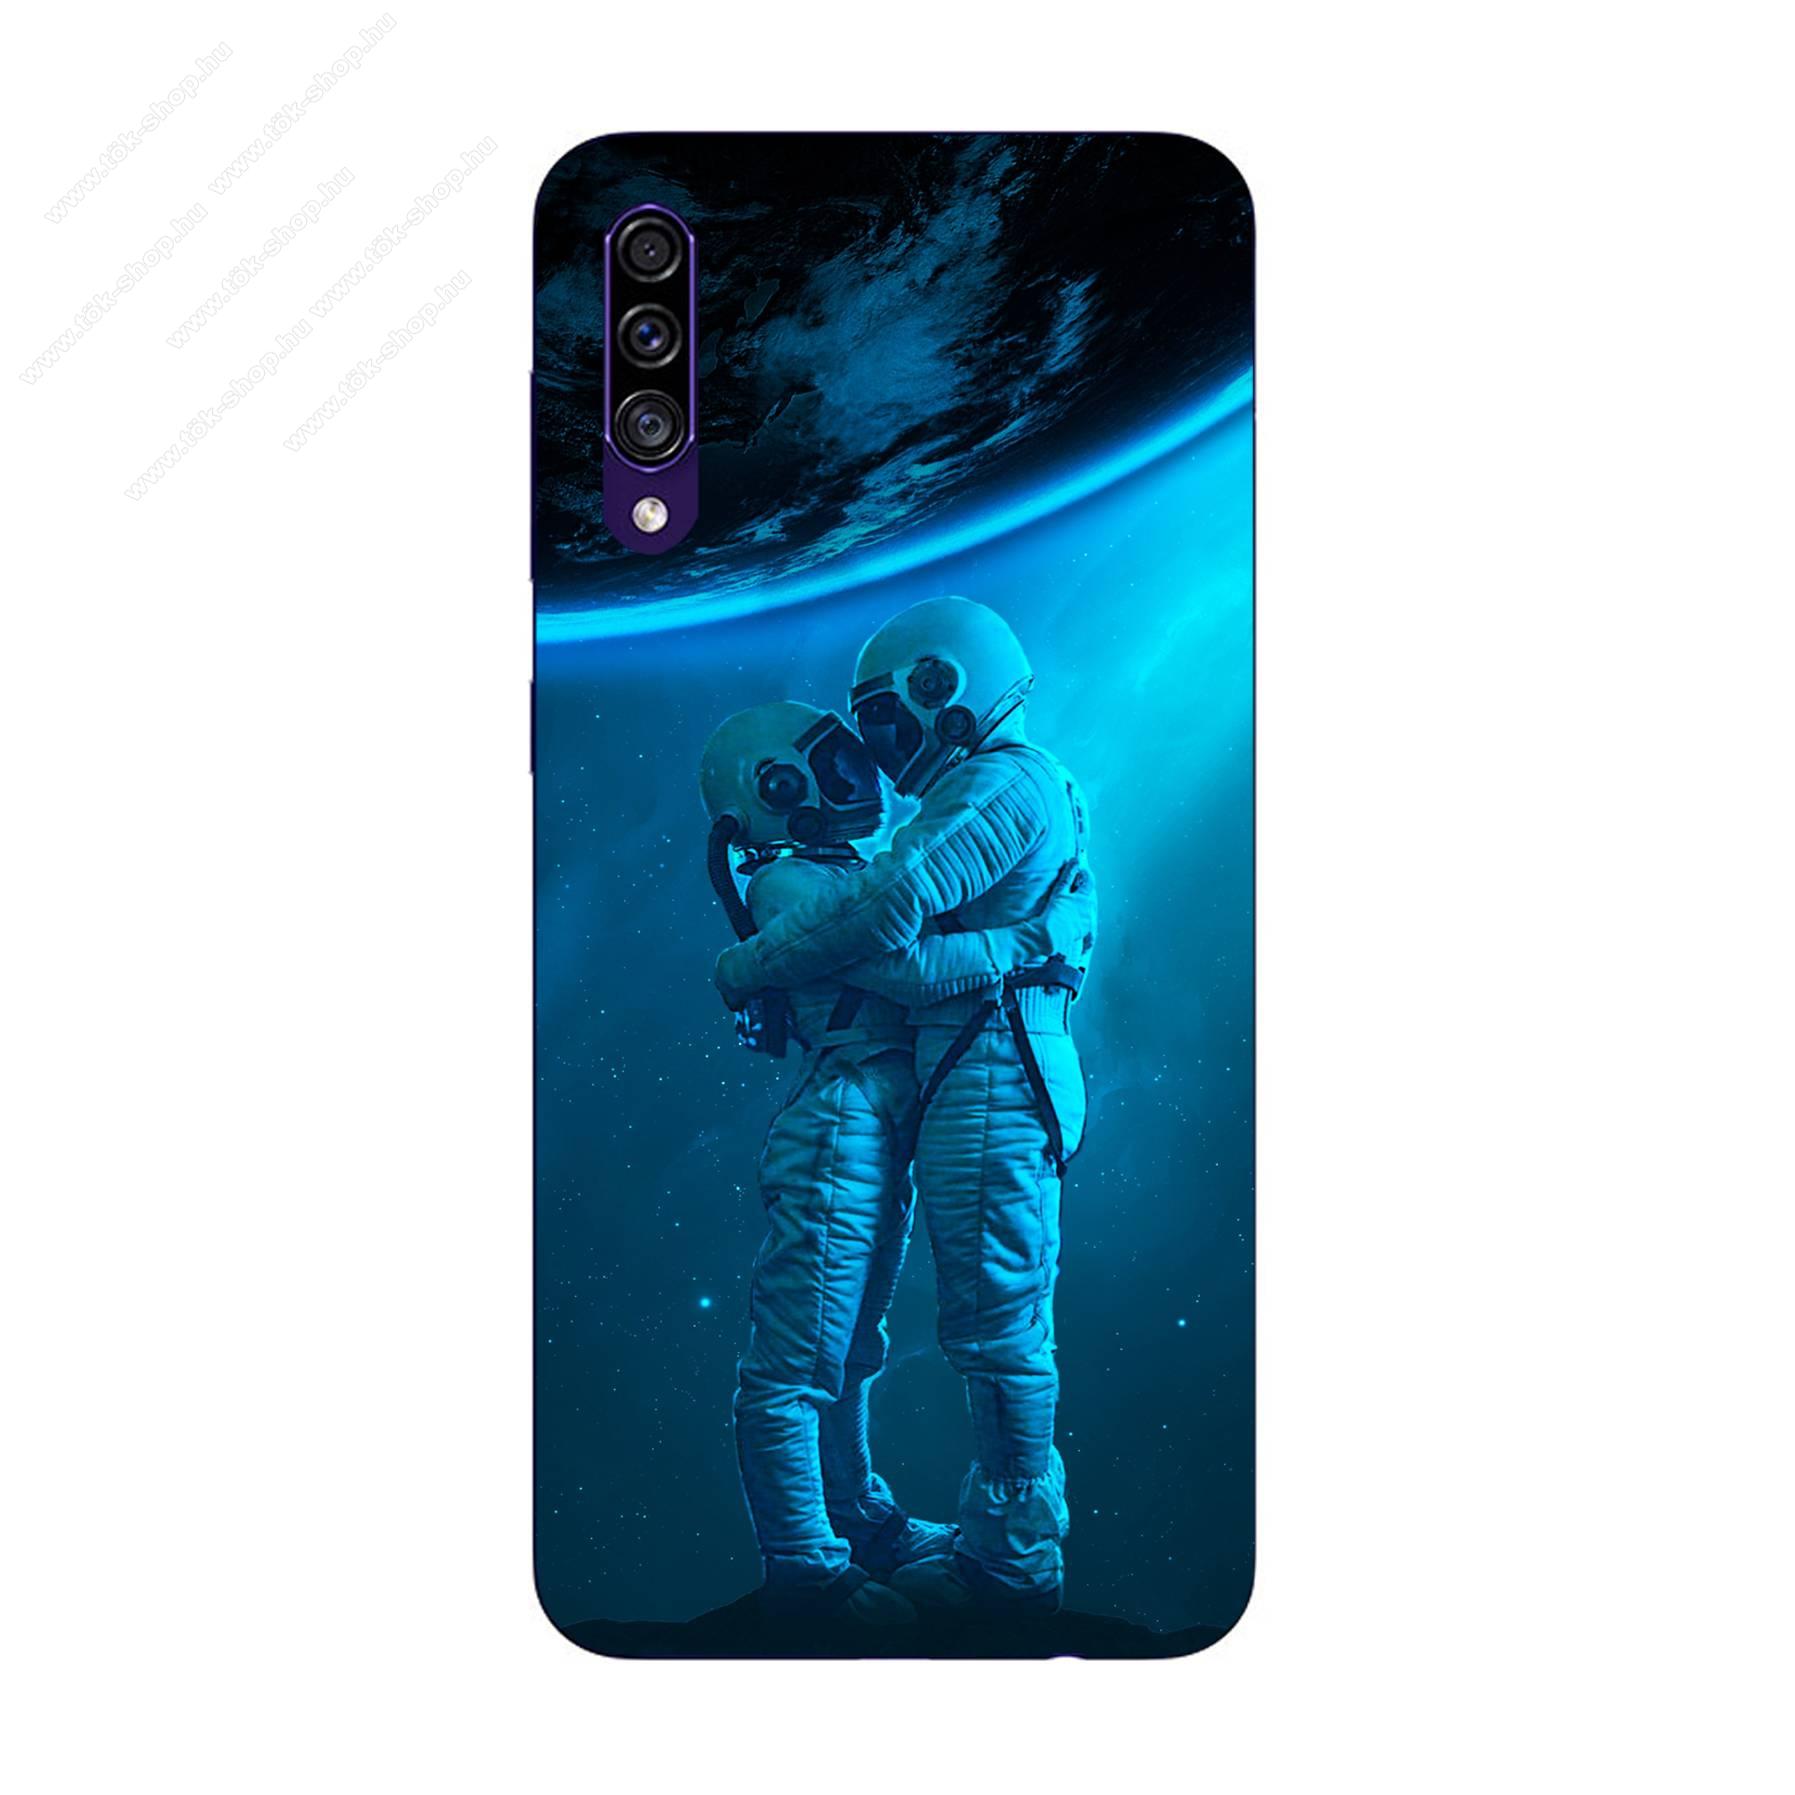 E-pic szilikon védő tok / hátlap - Szerelmes űrhajós pár mintás - SAMSUNG Galaxy A30s (SM-A307F/DS / SM-A307FN/DS)